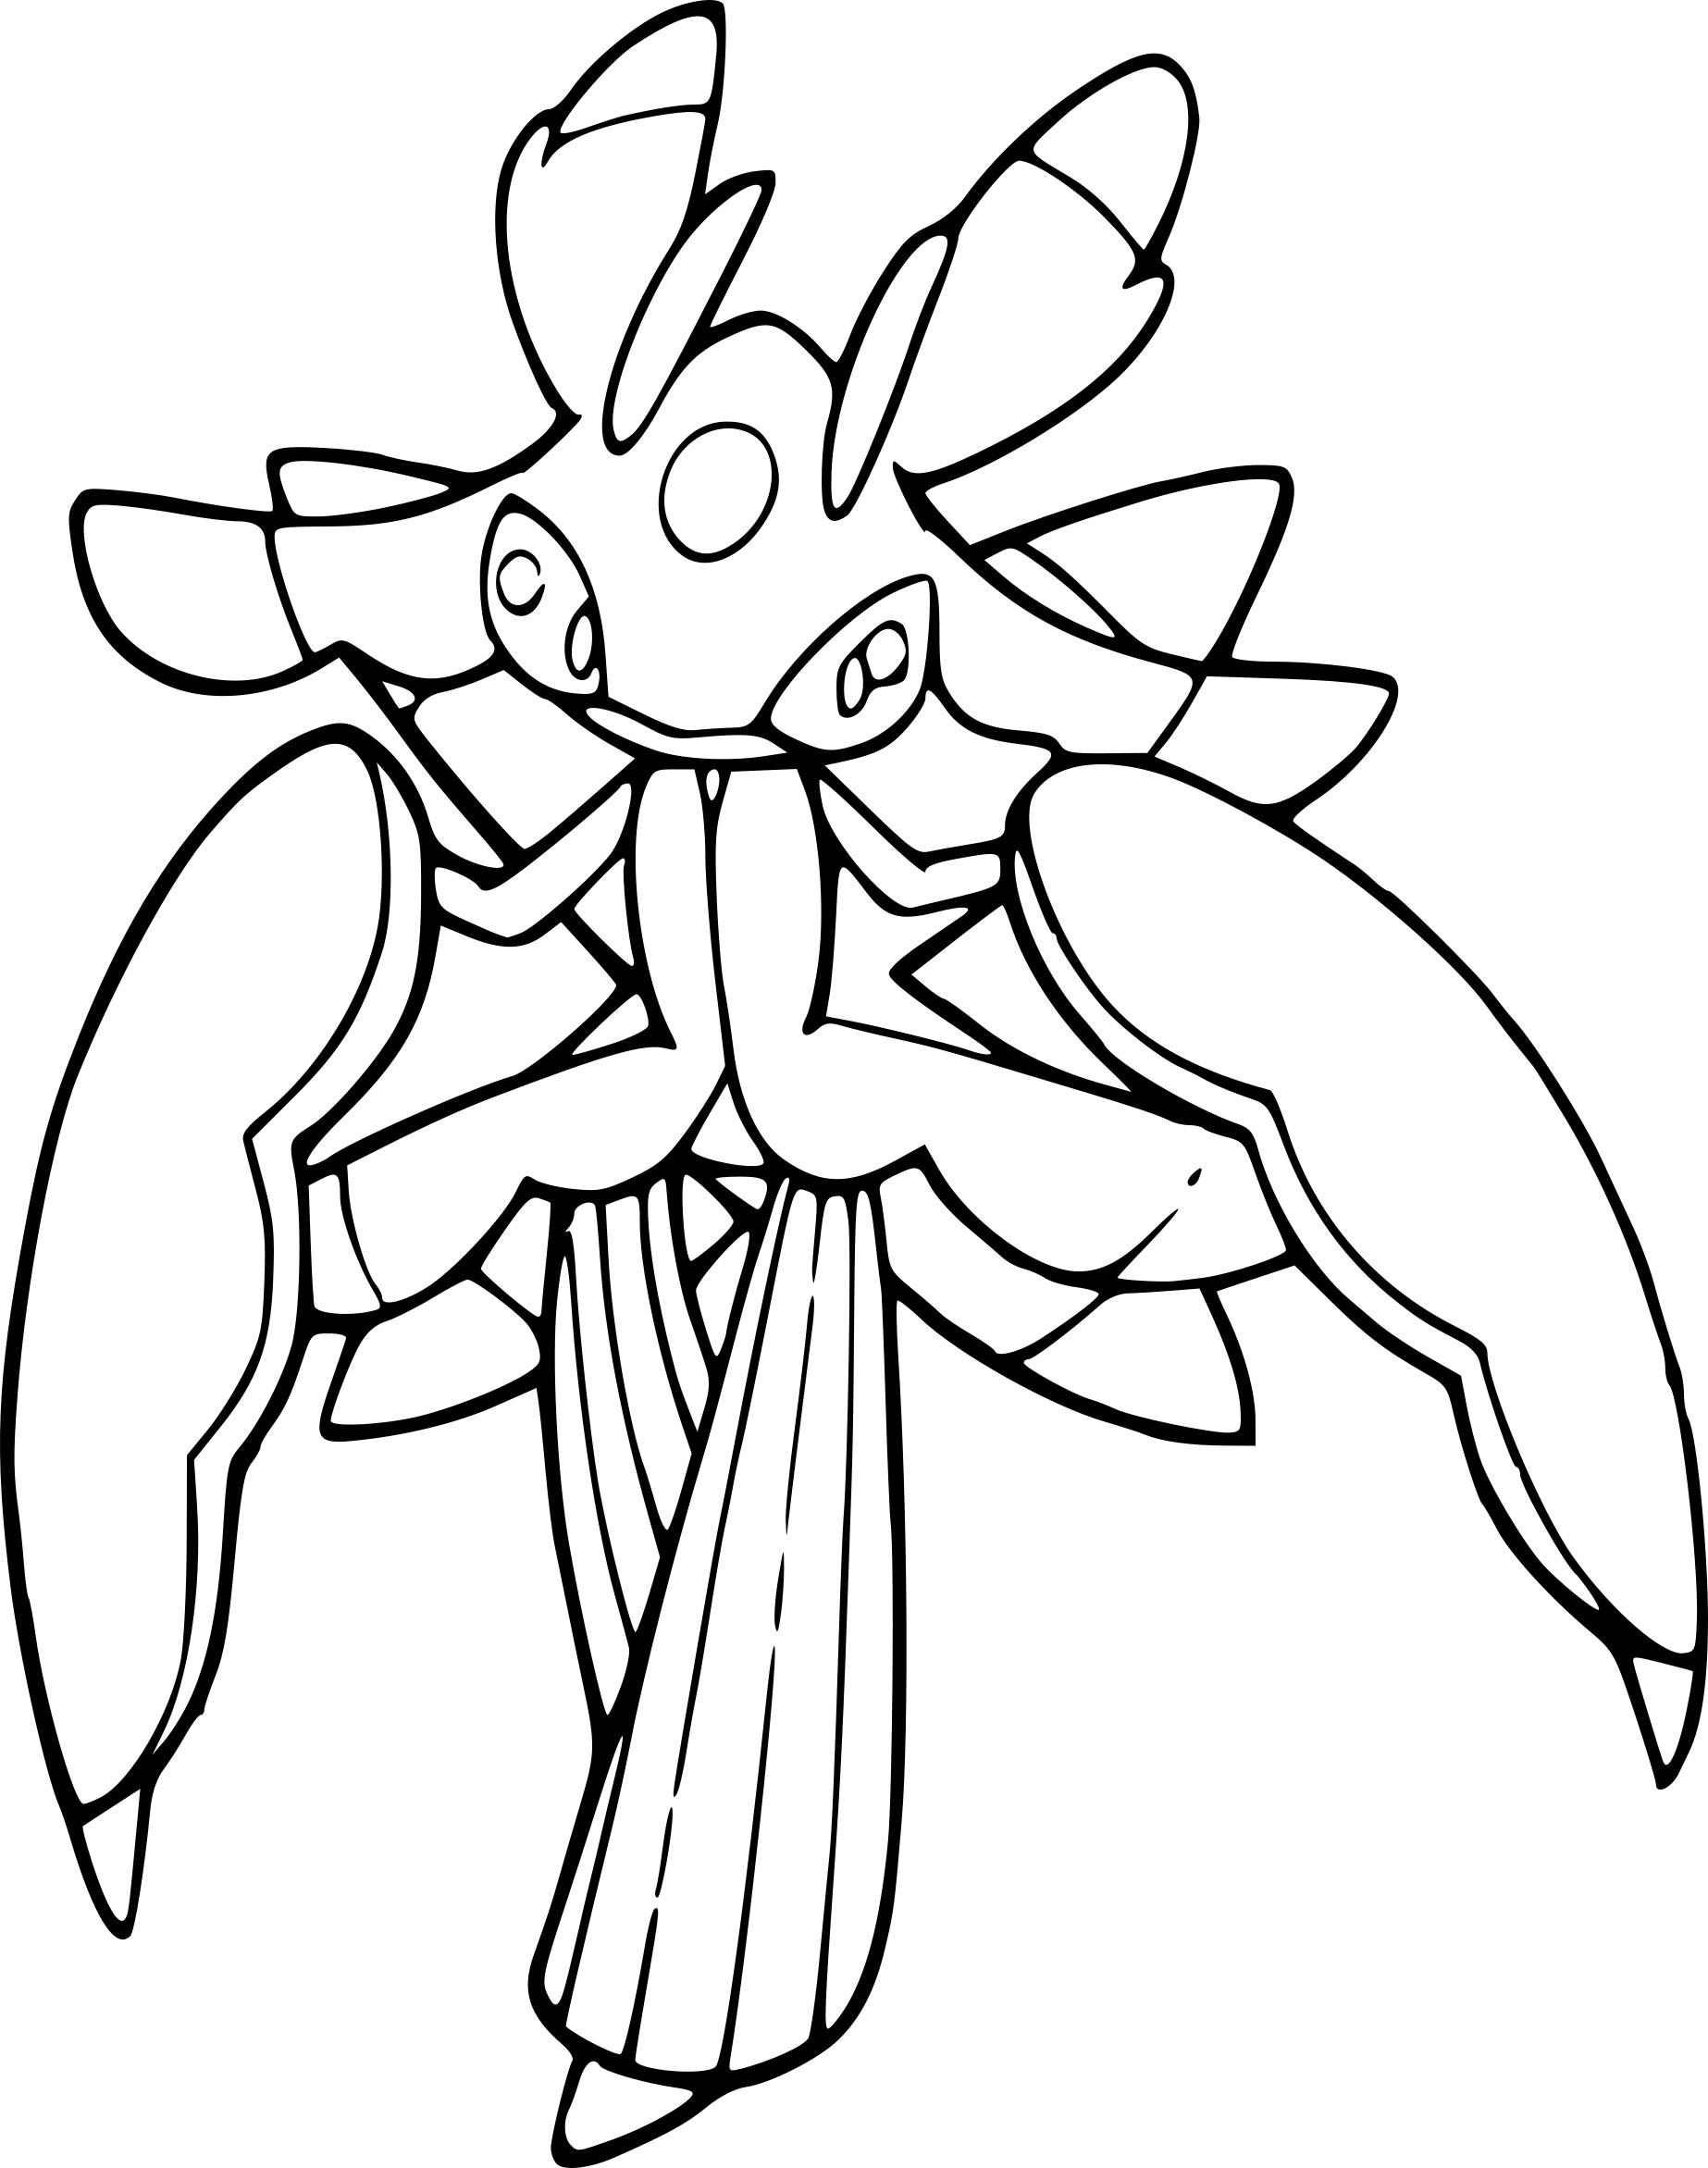 Coloriage Floramantis Pokemon à imprimer